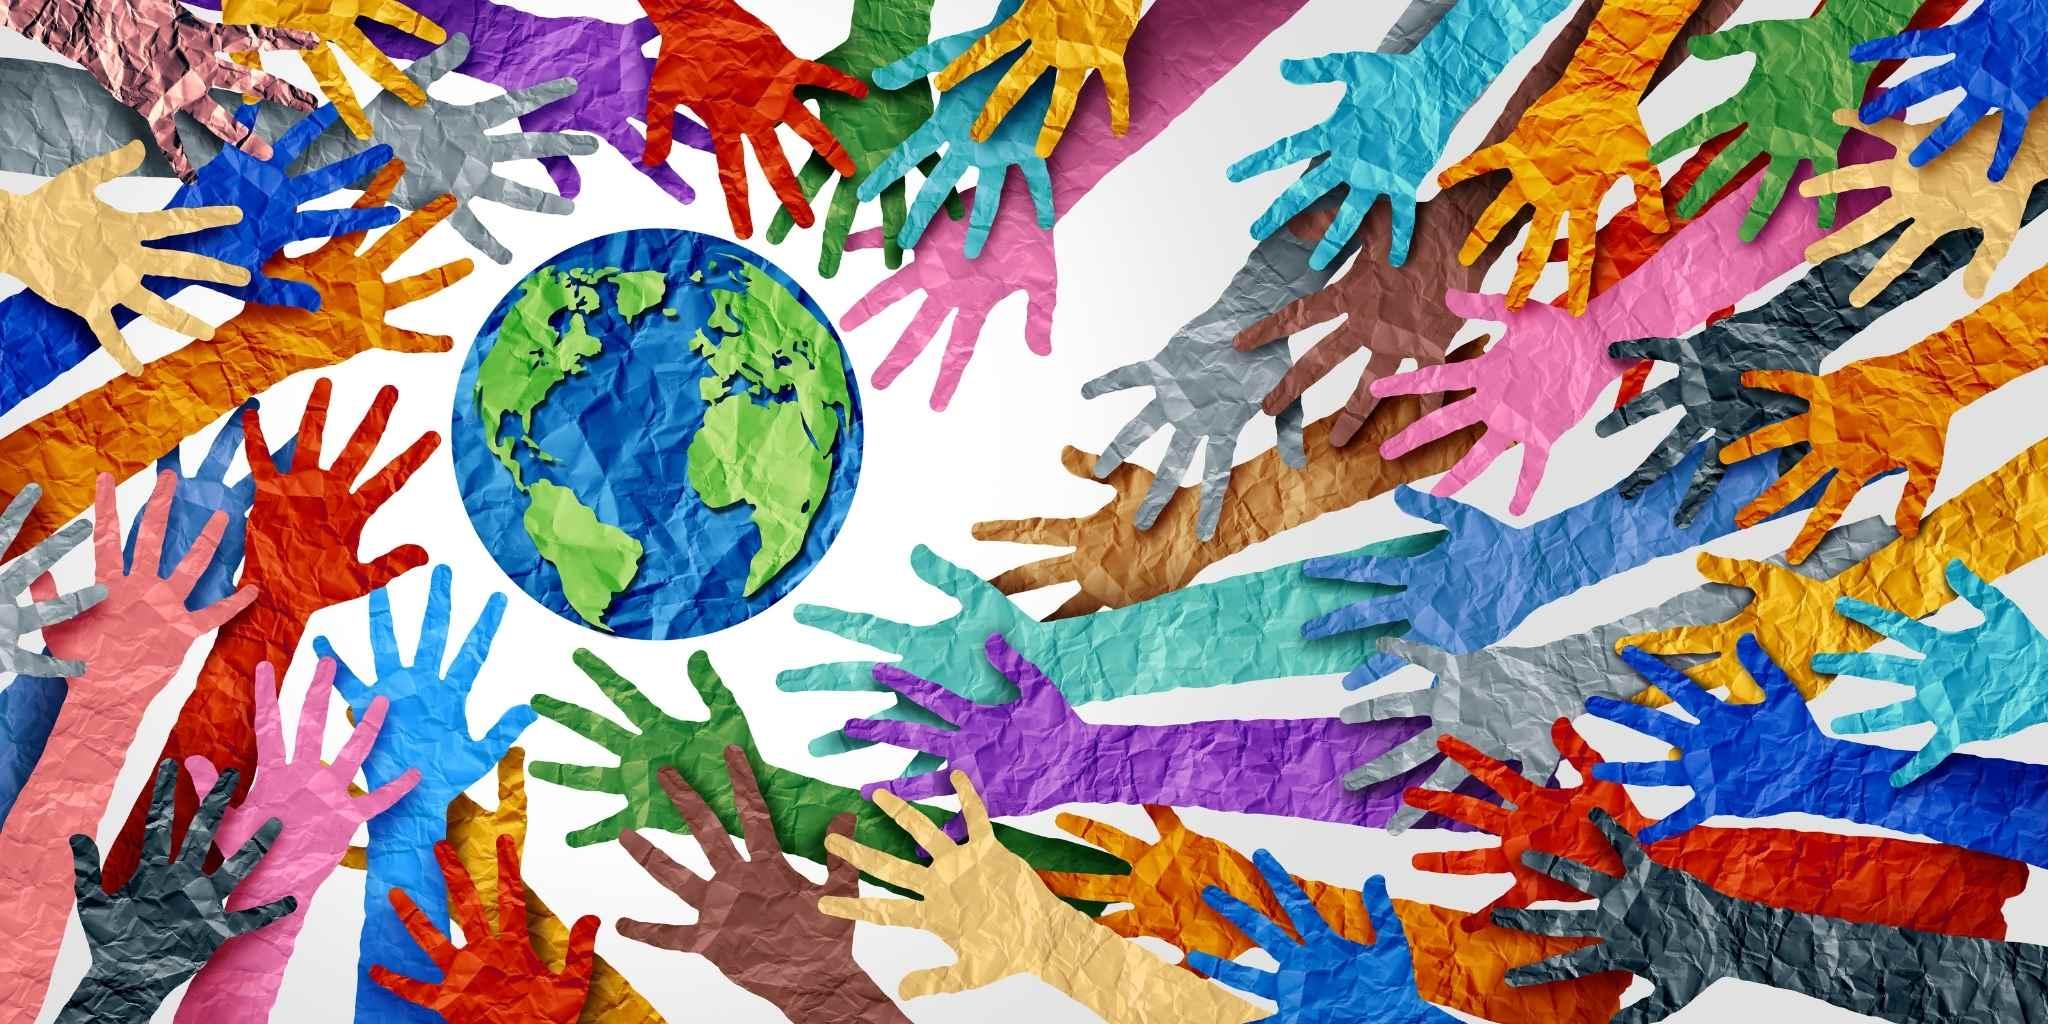 Ensinar crianças sobre cultura e diversidade - Dicas e Atividades